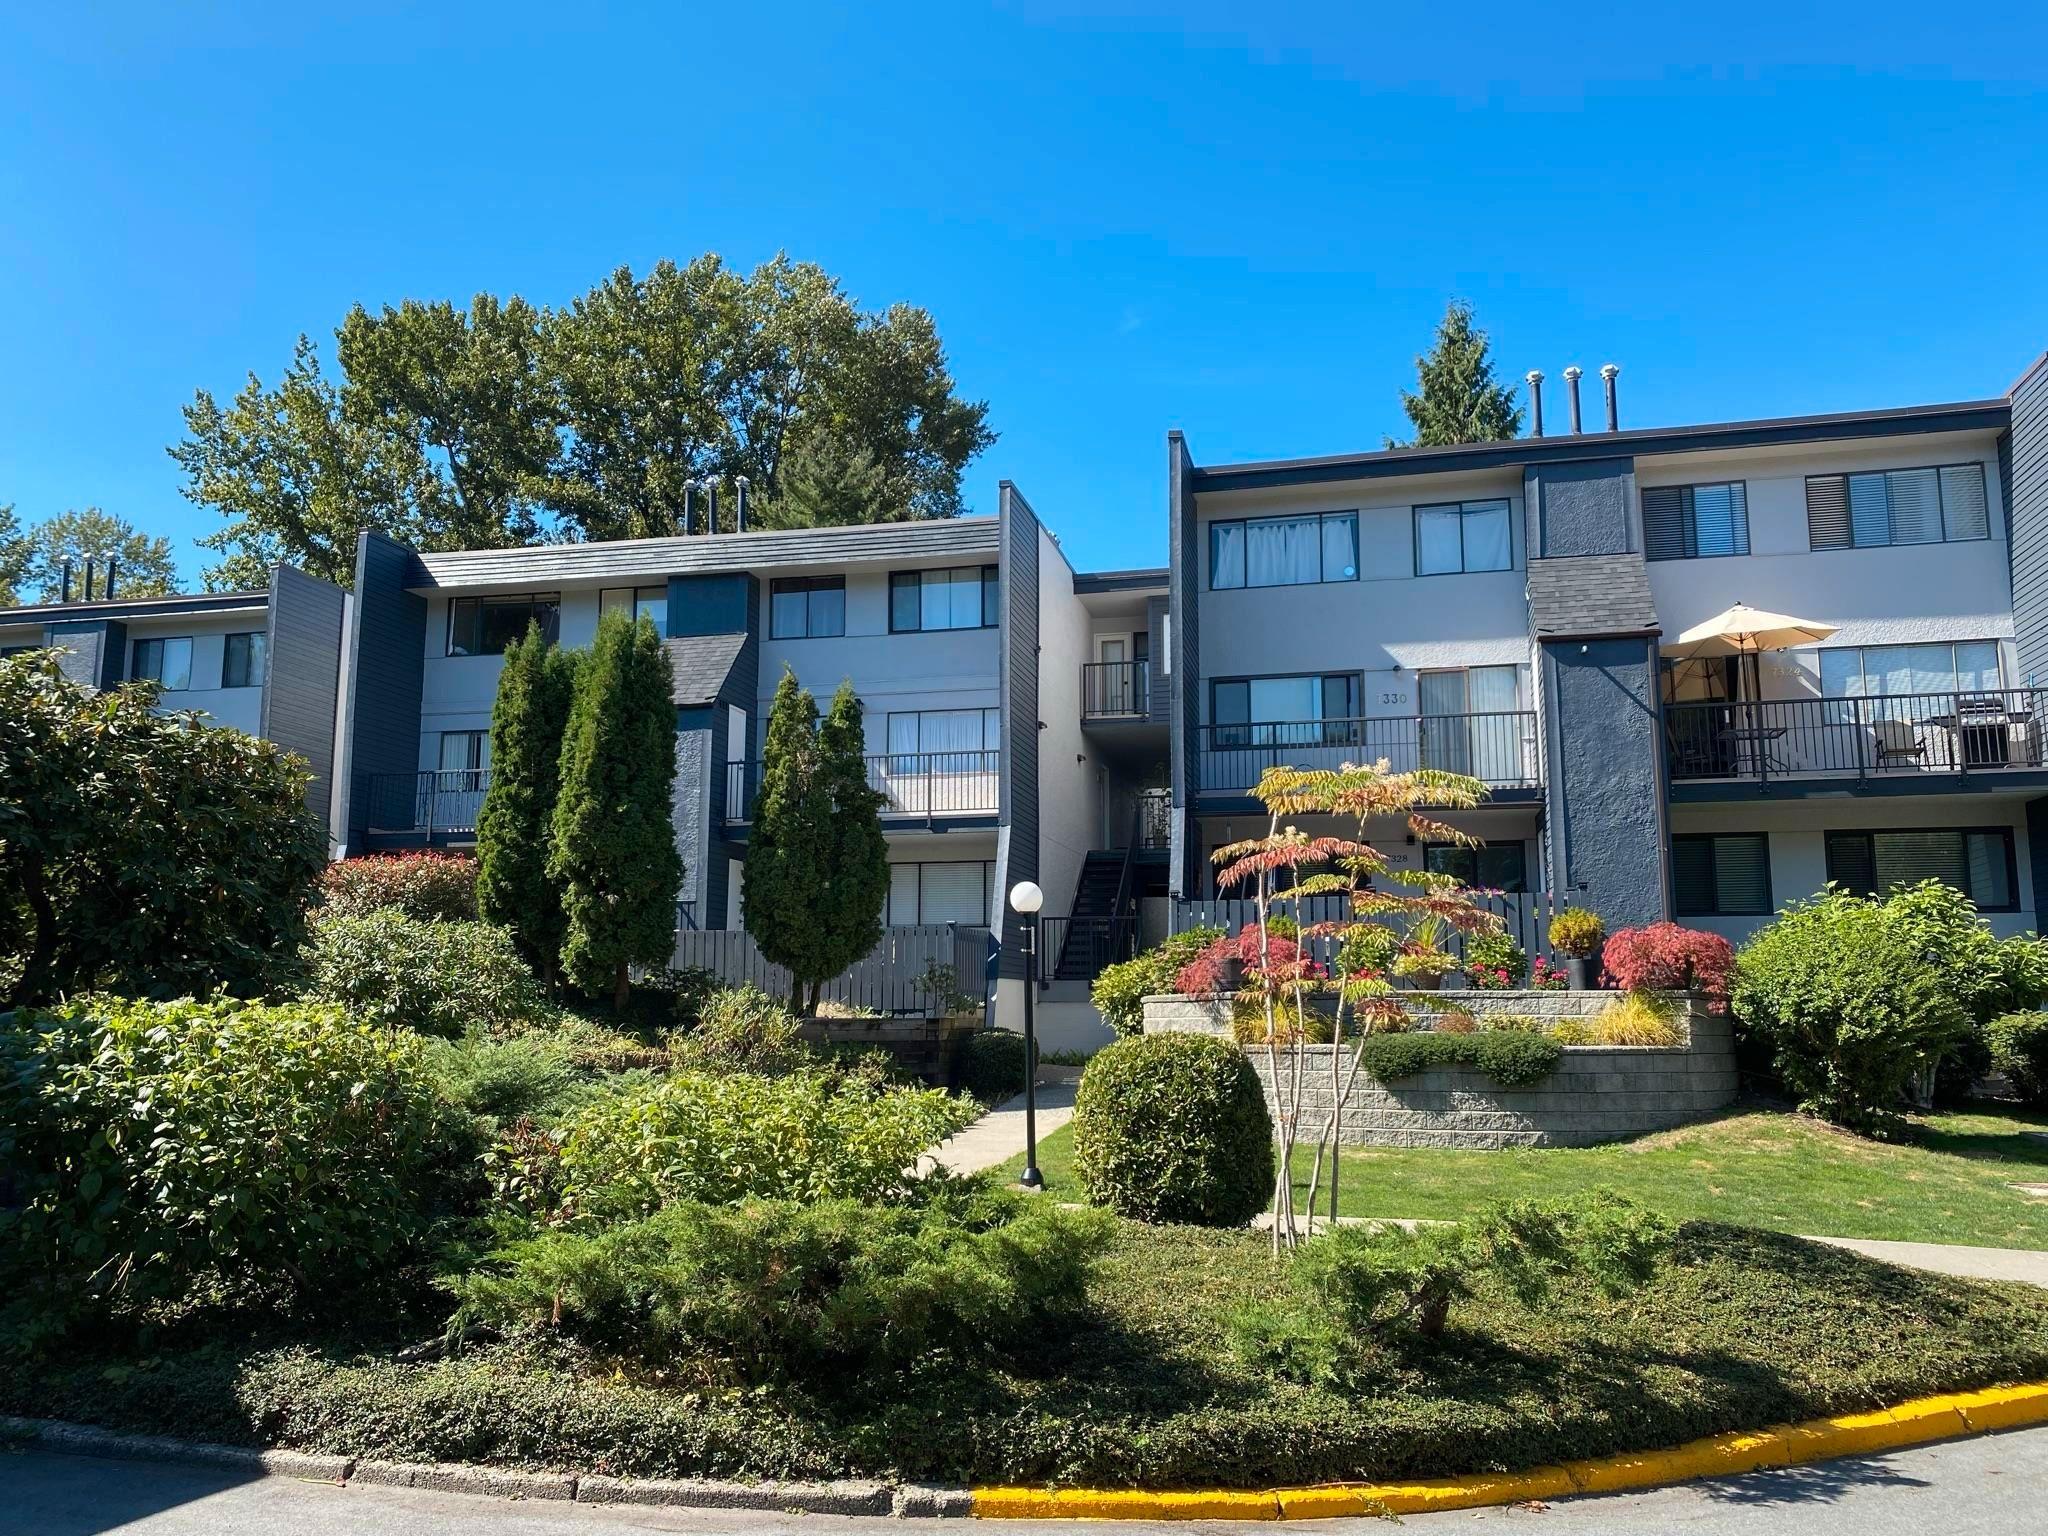 """Main Photo: 7338 CORONADO Drive in Burnaby: Montecito Townhouse for sale in """"Villa Montecito"""" (Burnaby North)  : MLS®# R2614983"""